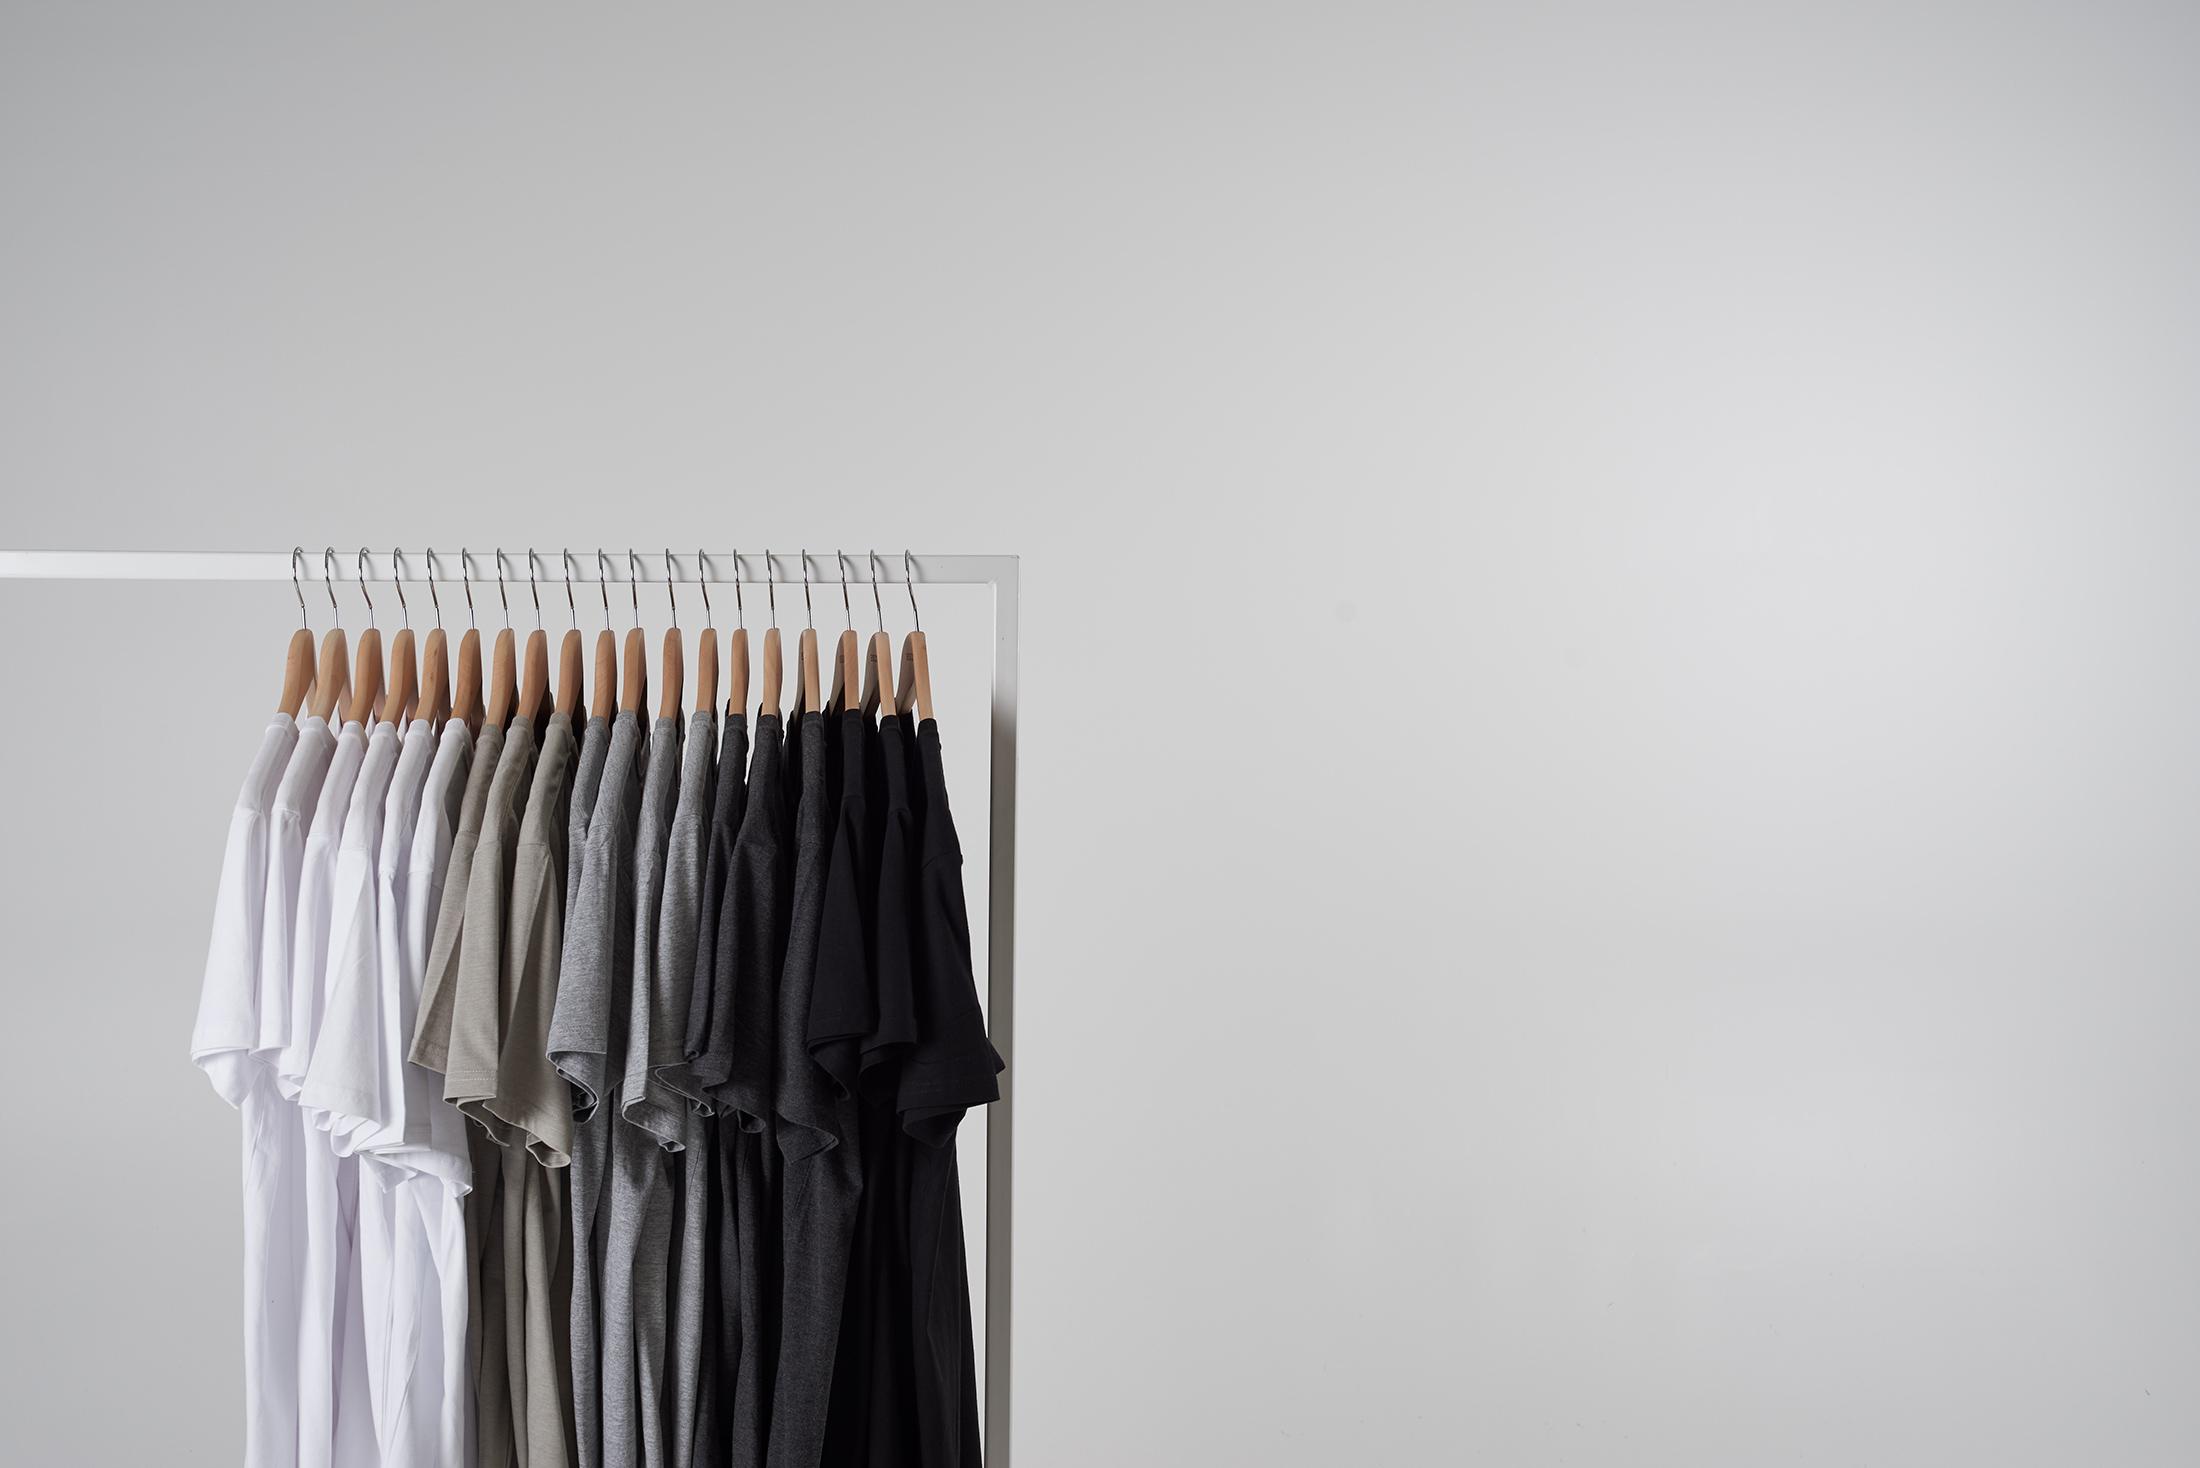 Best men's plain t-shirts